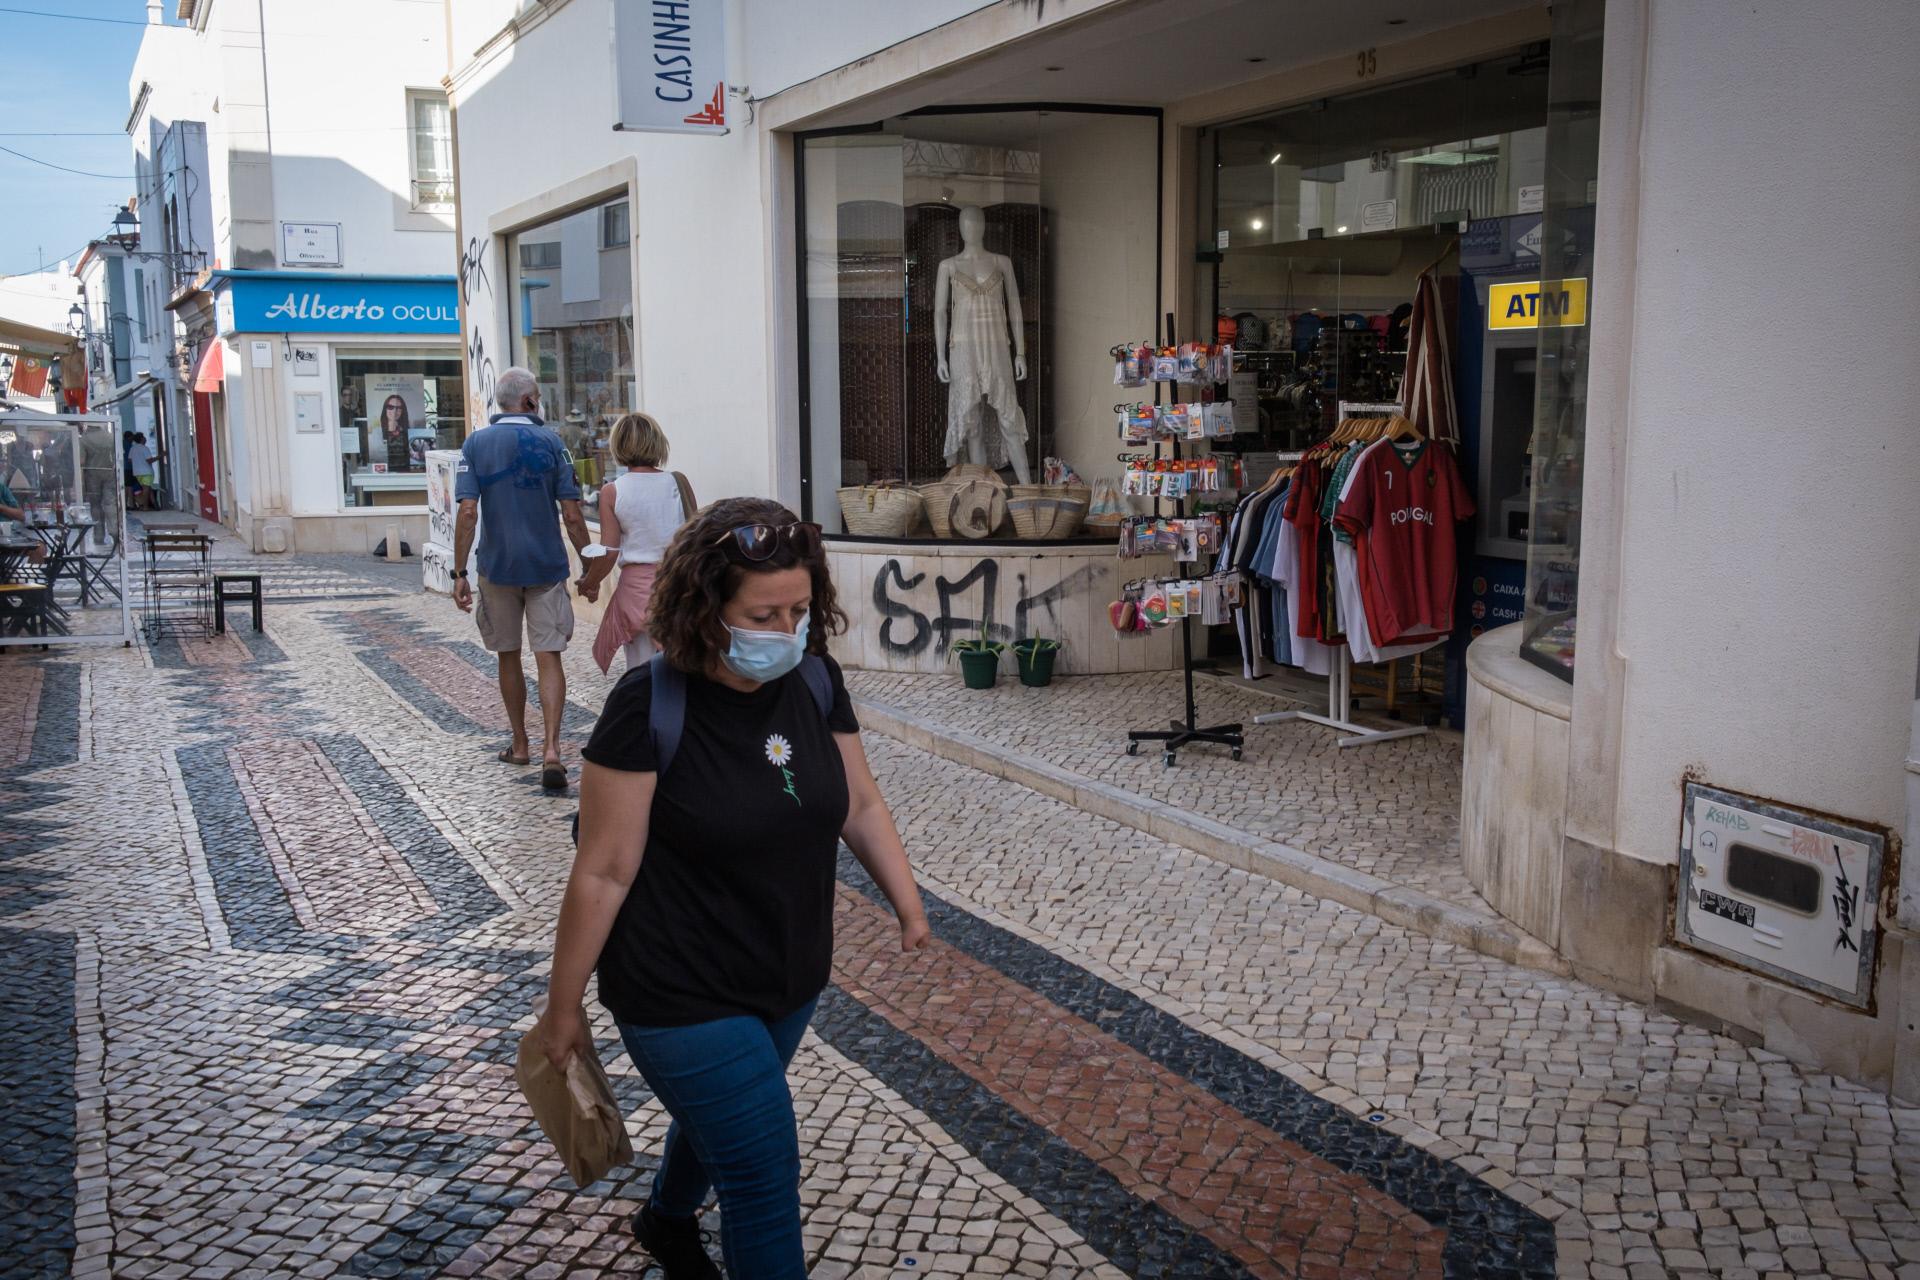 Fim do uso da máscara na rua? Parlamento decide